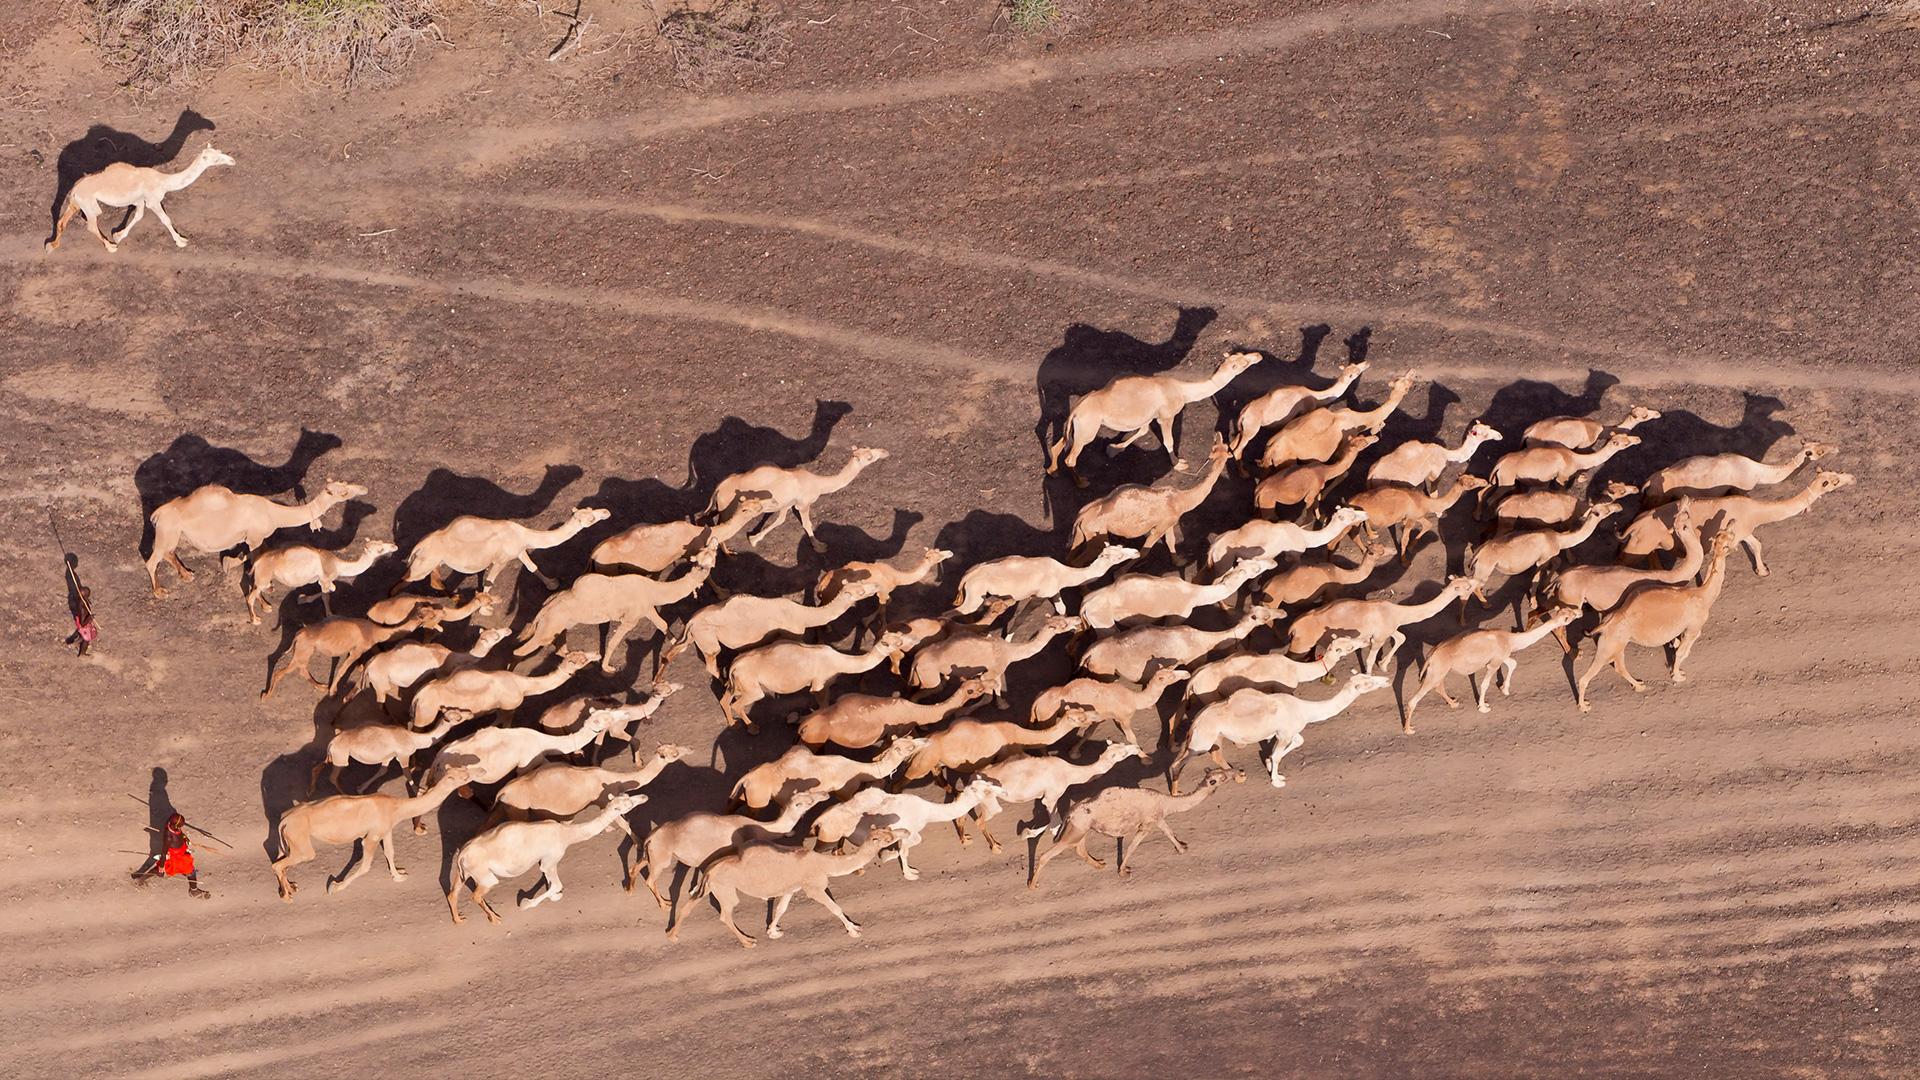 Coronaviren sind für die MERS-Erkrankung von Kamelen verantwortlich. © Martin Harvey / WWF